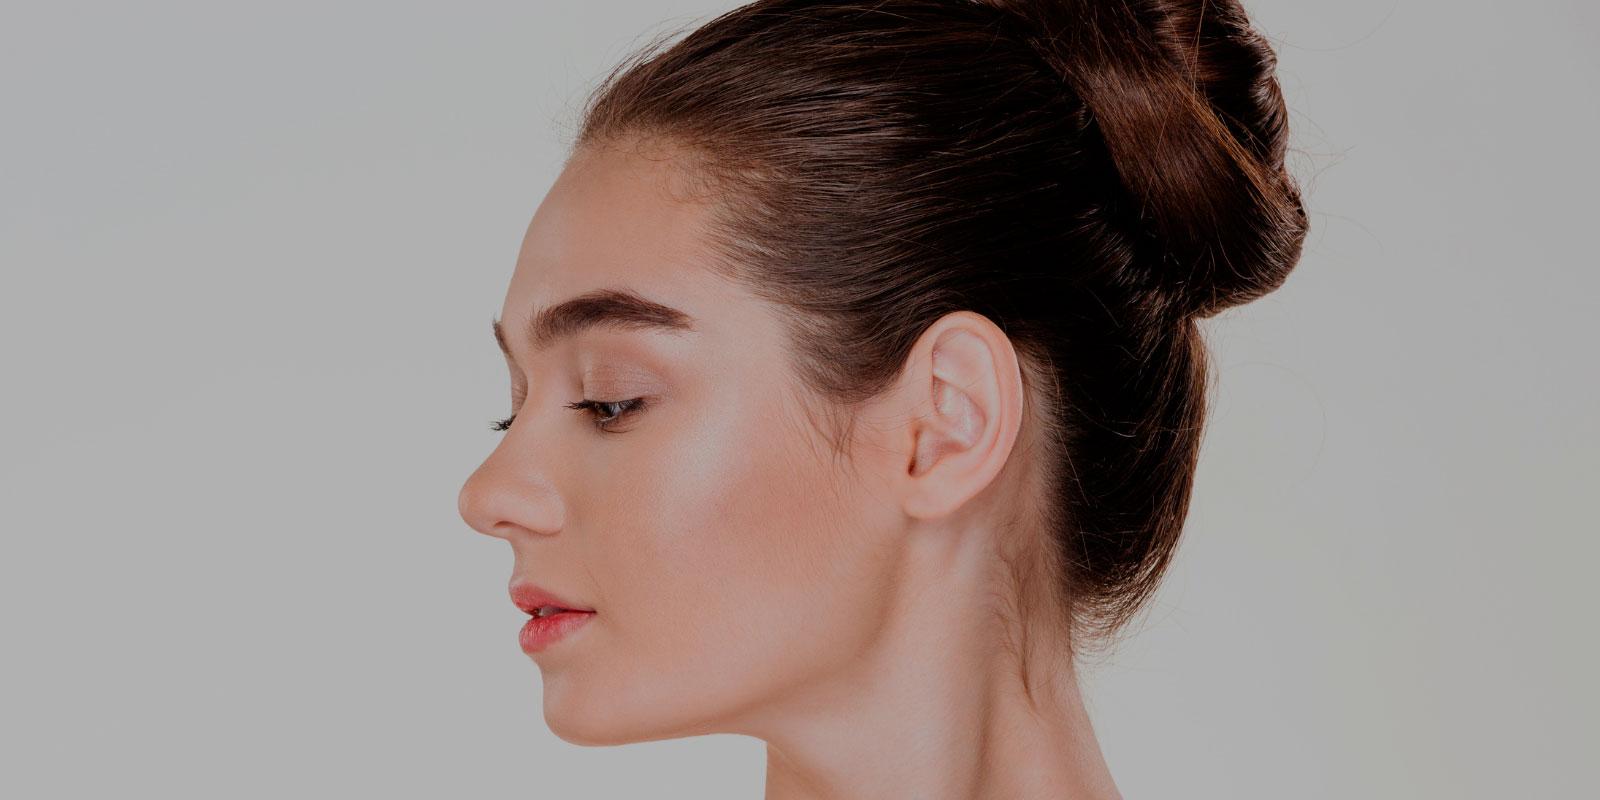 Todo para el cuidado de tu piel, Línea de Belleza